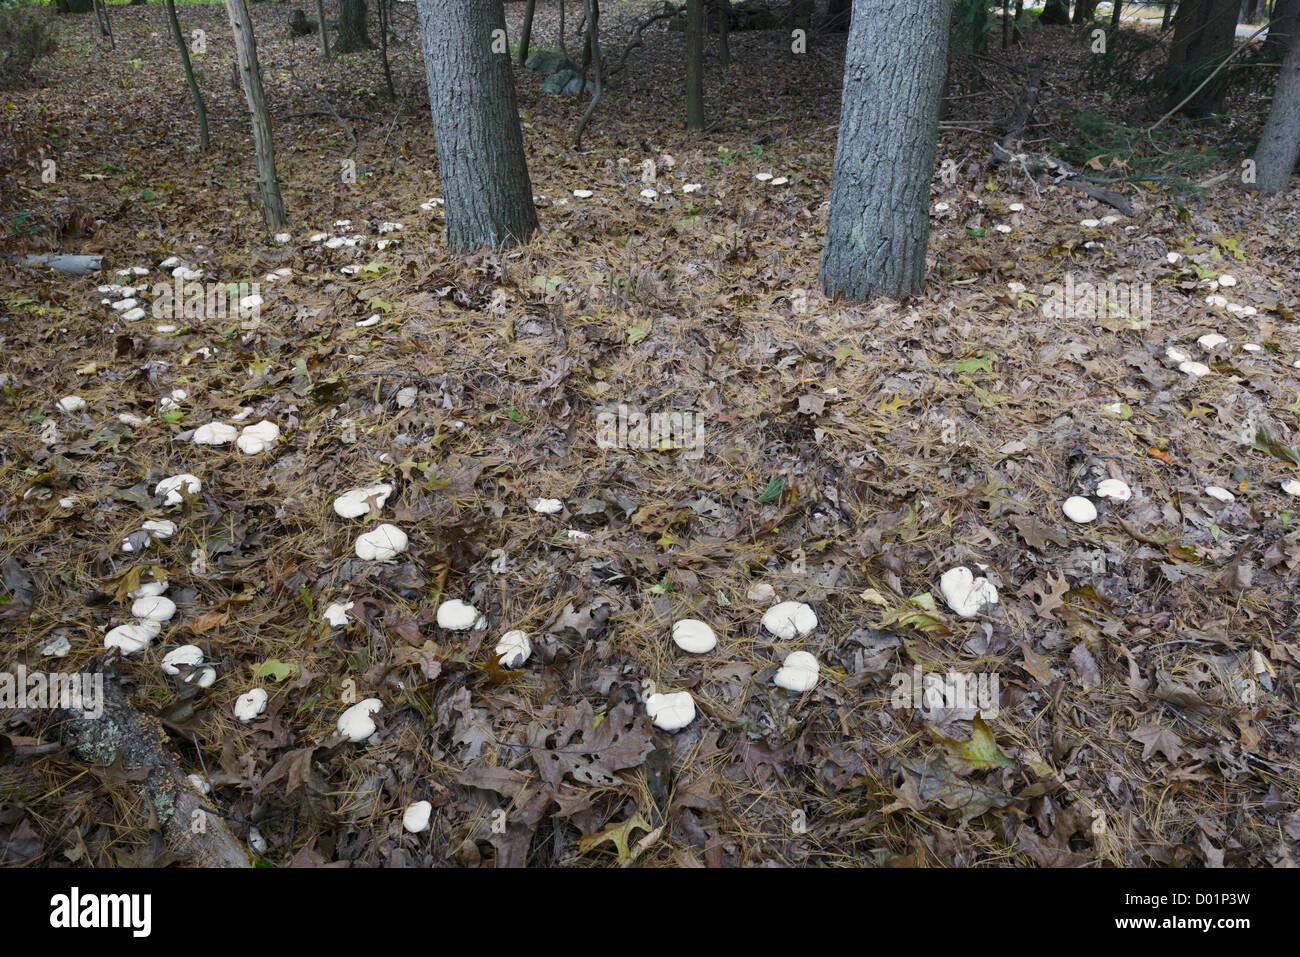 Fairy ring of mushrooms, mixed hardwood forest, Eastern U.S. Tethered mycorrhizal  fungi symbiotic with the trees - Stock Image